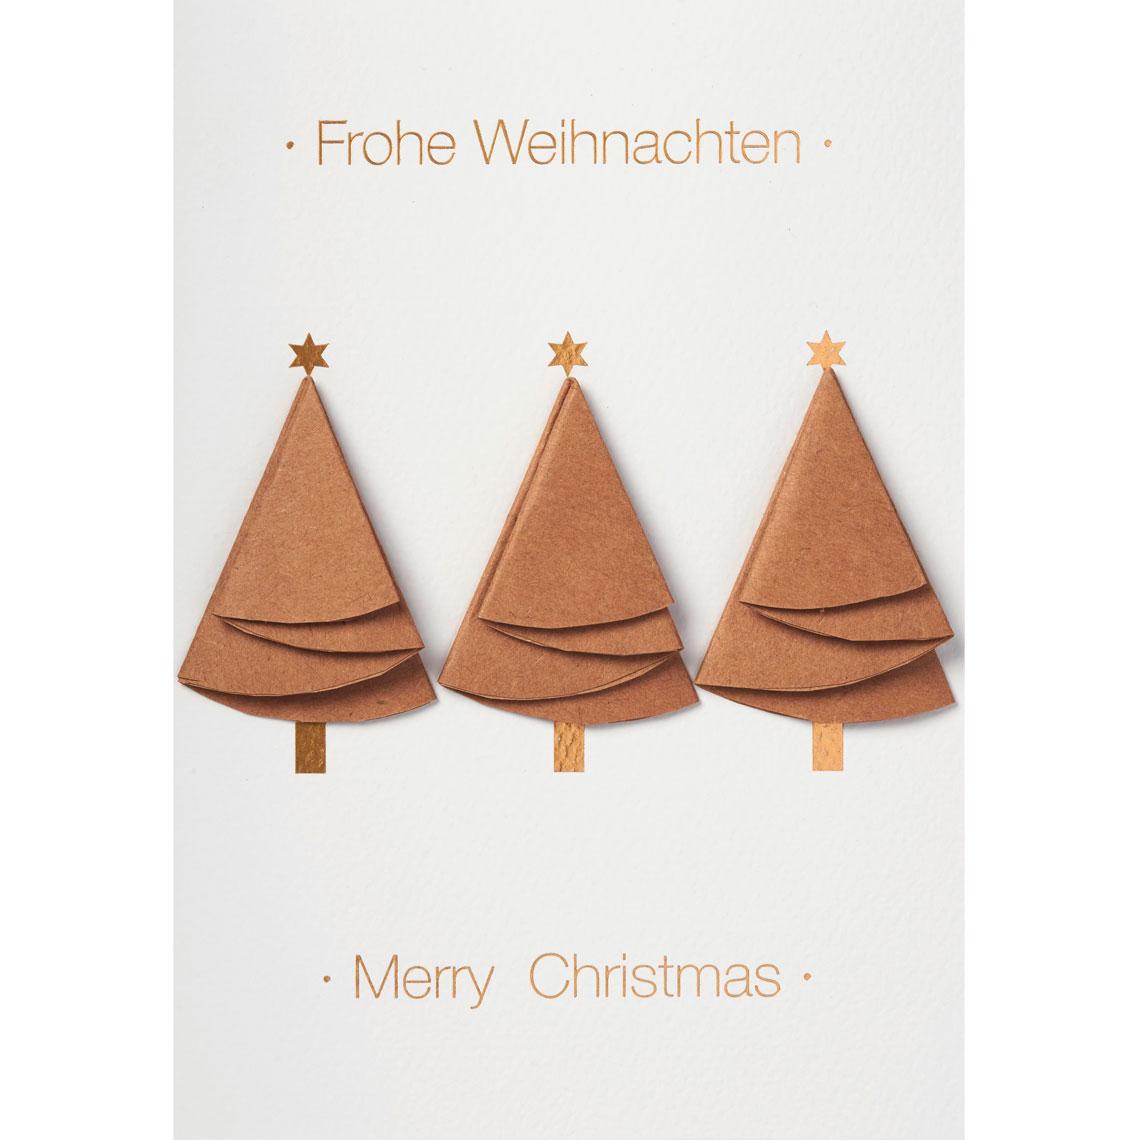 r der online shop weihnachtsbaum karte frohe weihnachten online kaufen. Black Bedroom Furniture Sets. Home Design Ideas